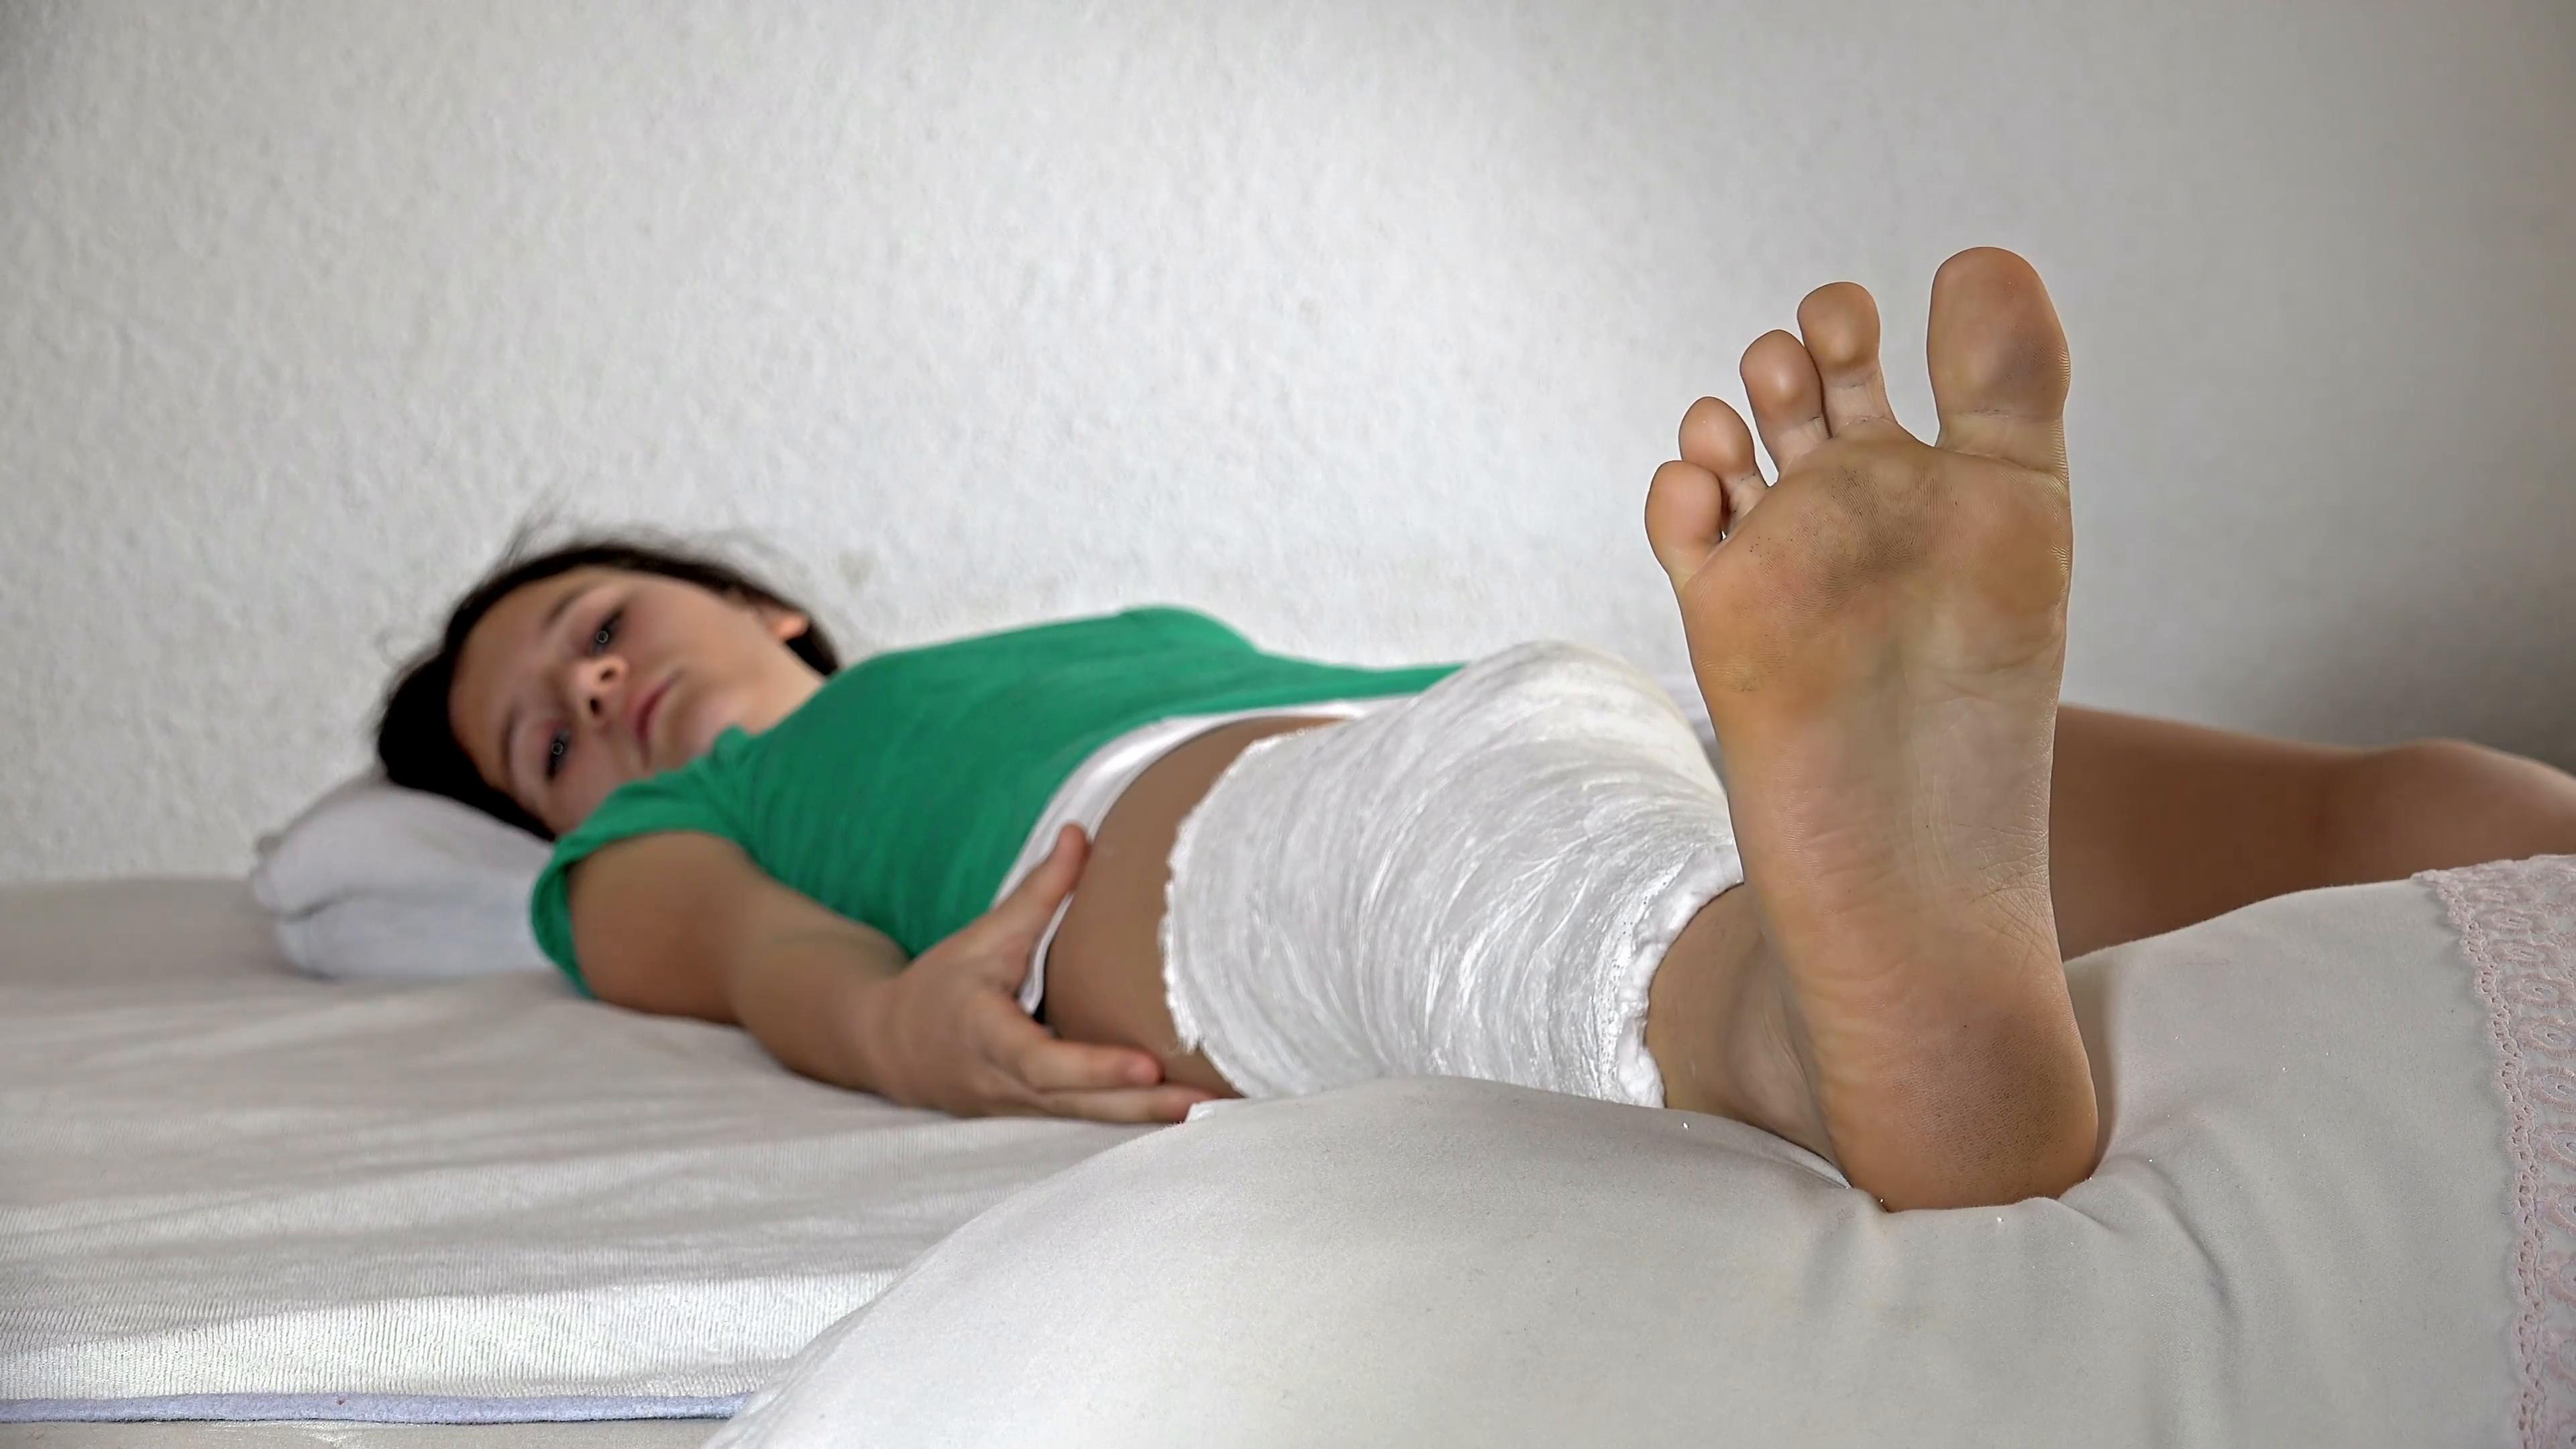 Little girl with broken leg i